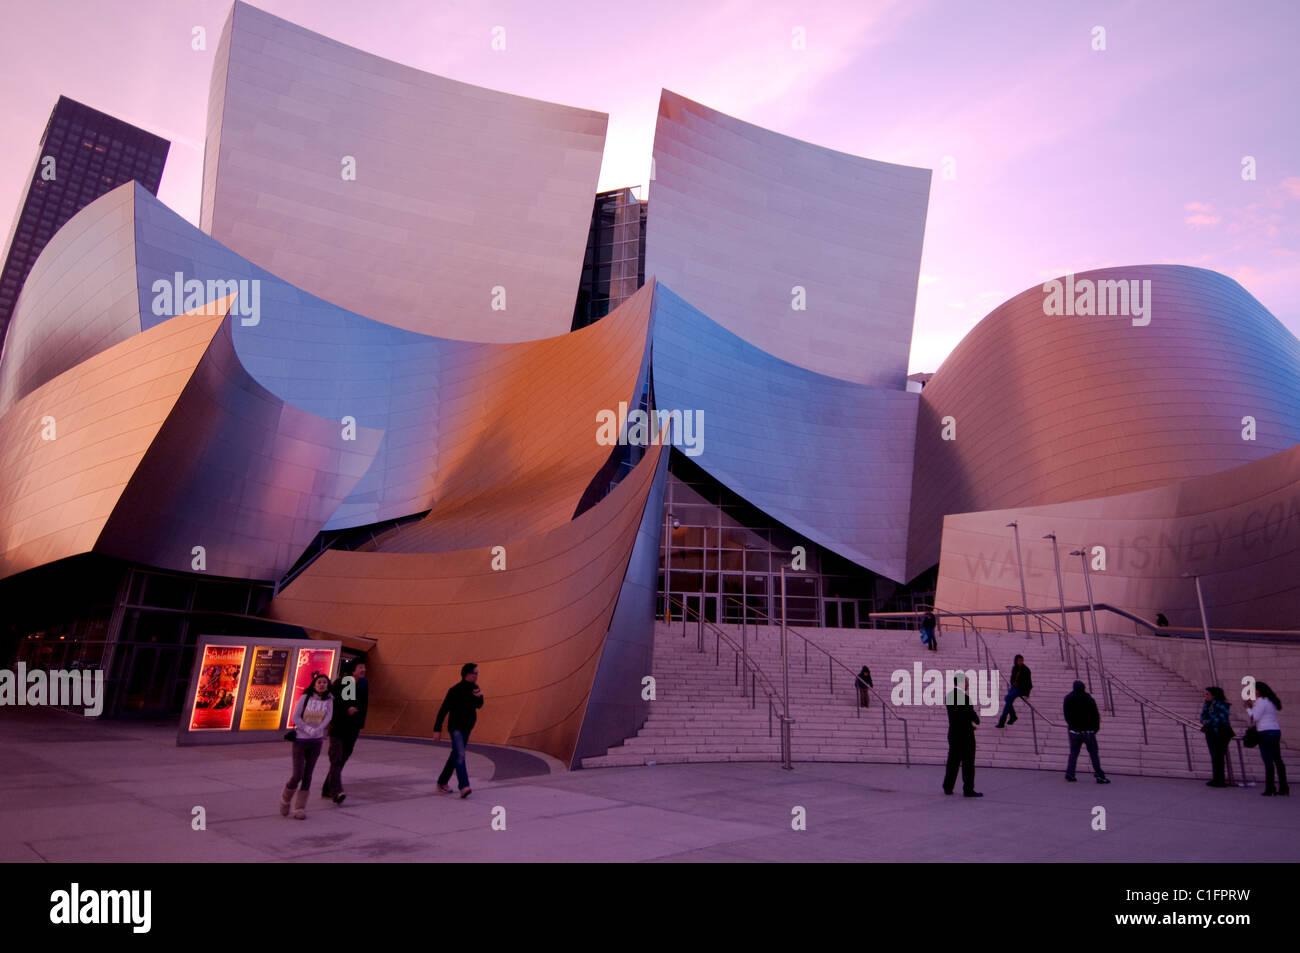 El arquitecto Frank Gehry Disney Concert Hall en el centro de Los Angeles, el sur de California, EE.UU. Imagen De Stock